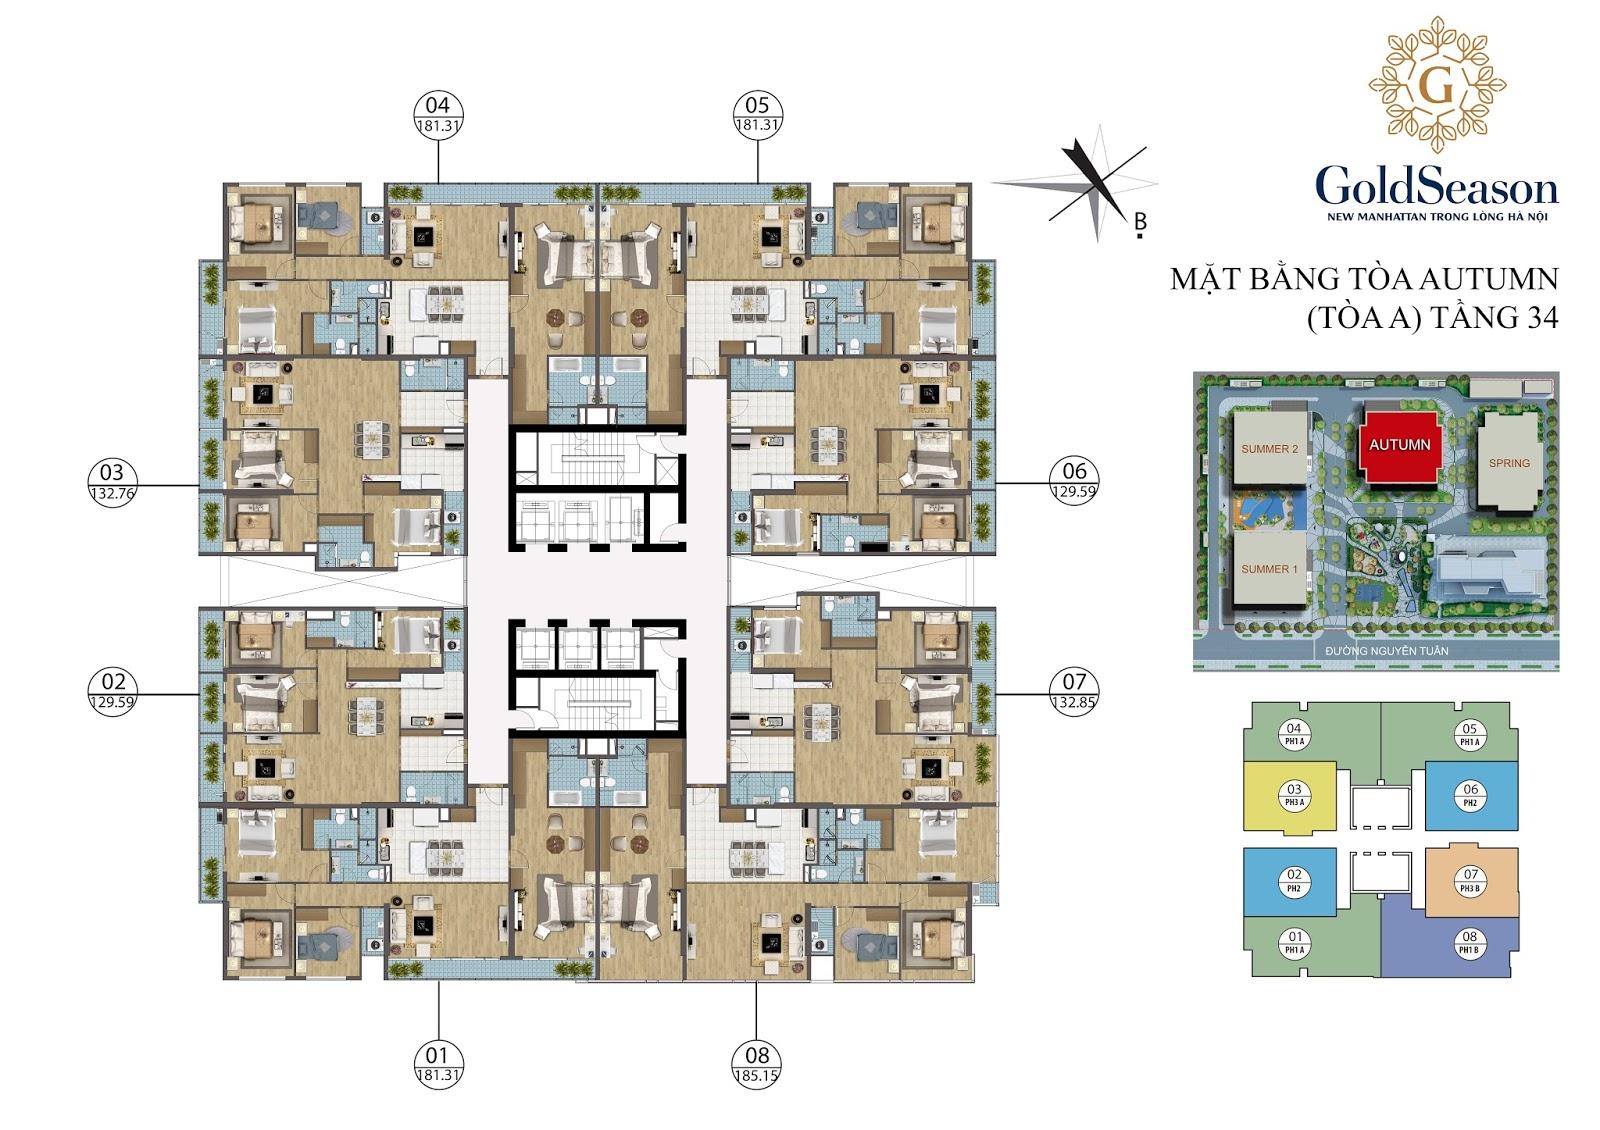 Mặt bằng điển hình căn hộ PenHouse tòa Autumn - GoldSeason